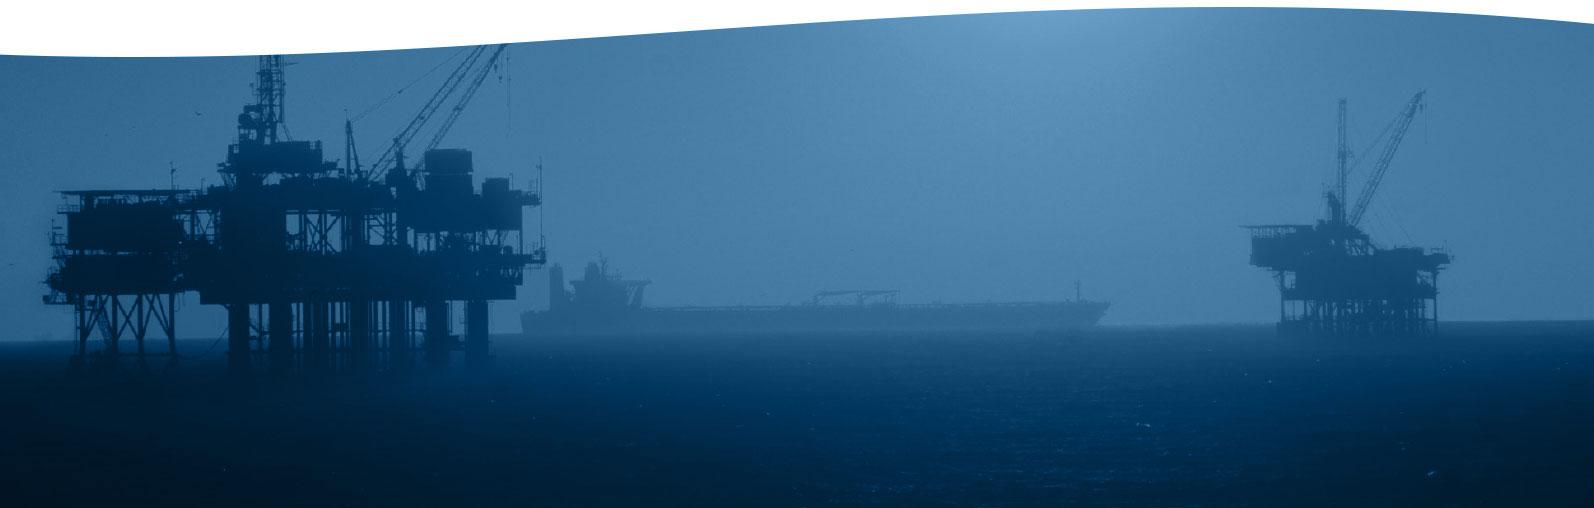 blue-oilfield